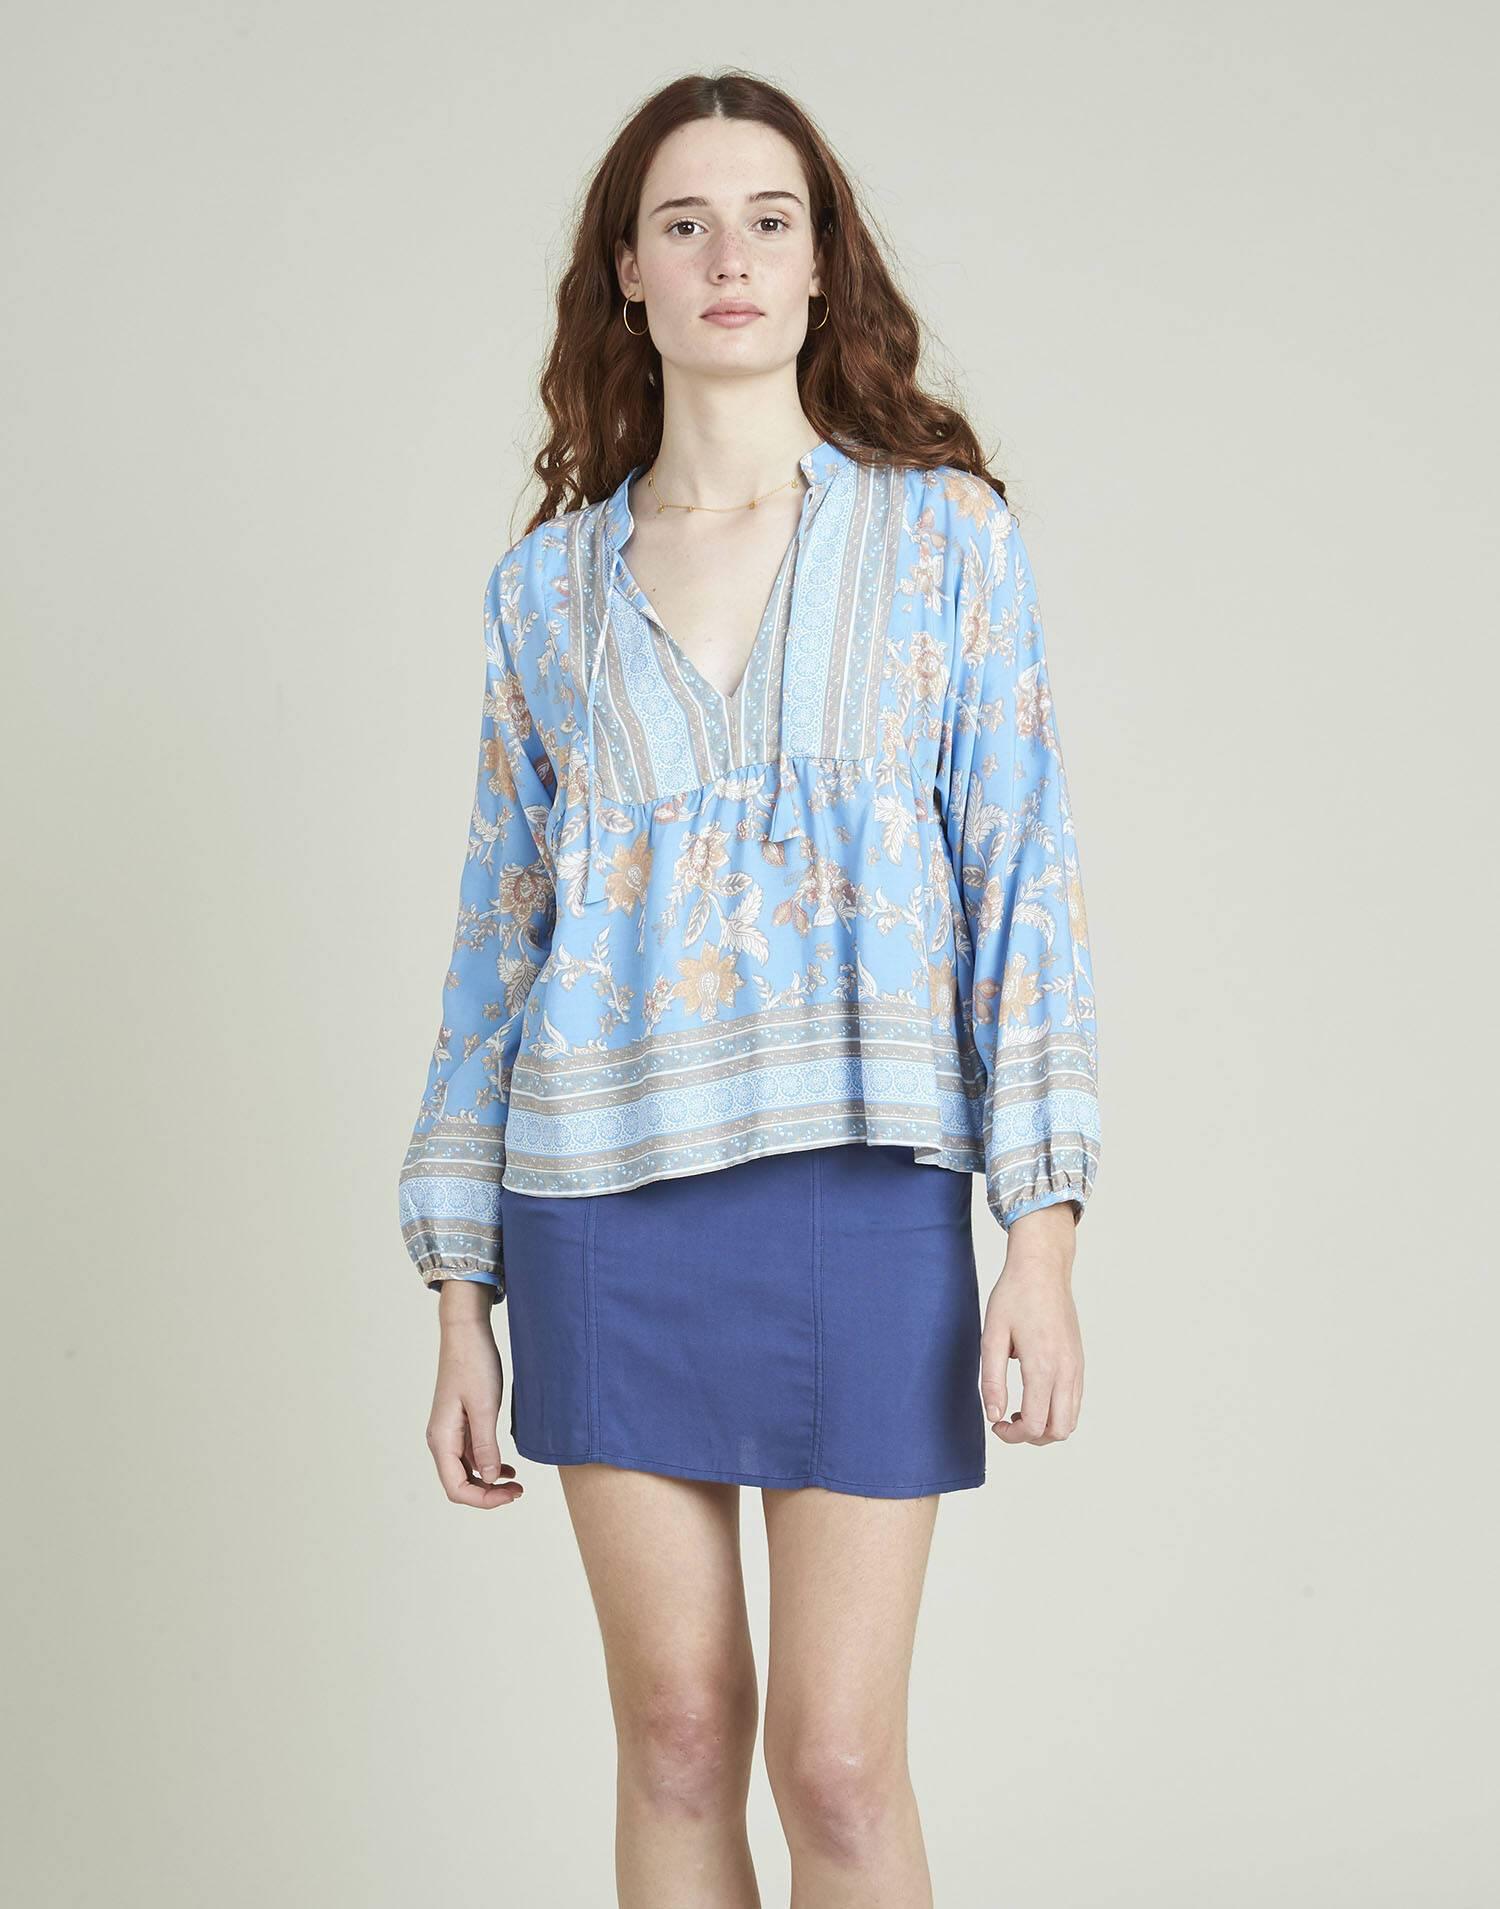 Camisa print floral canesú